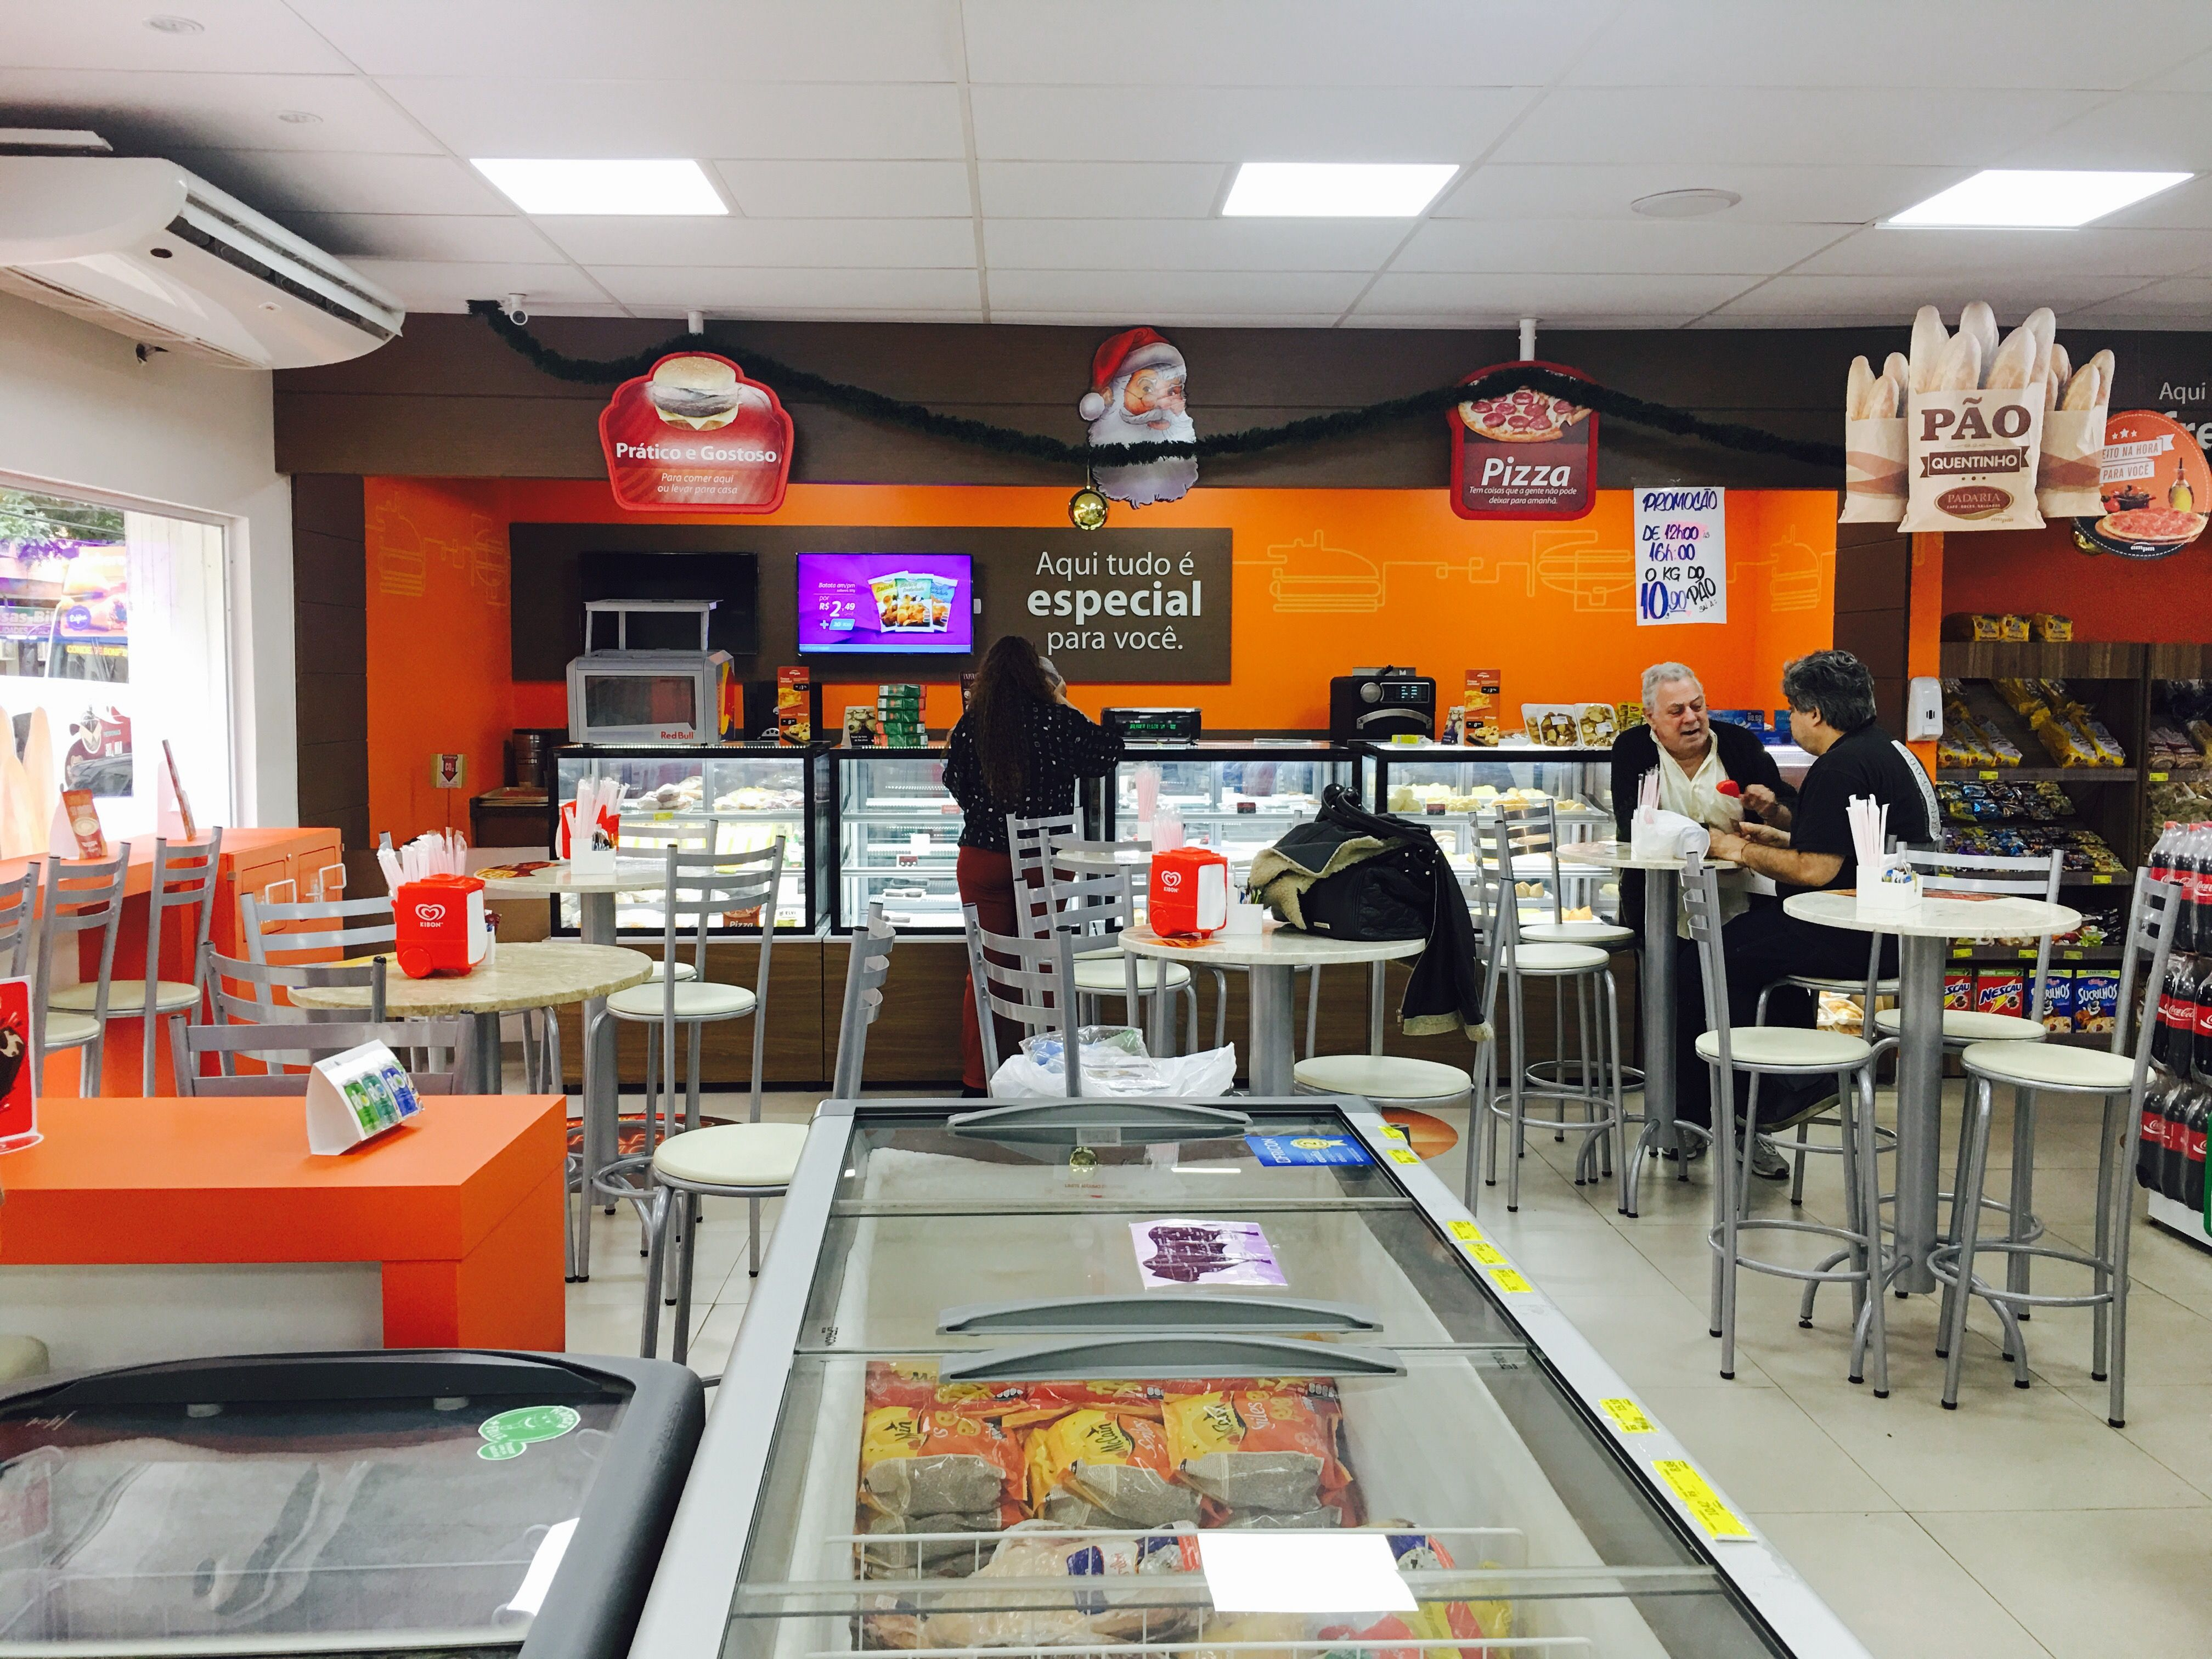 Alô Tijuca! Chegamos na loja de conveniência AM PM da Rua General Espírito Santo Cardoso, 57.  Passa lá que tem Goomet!